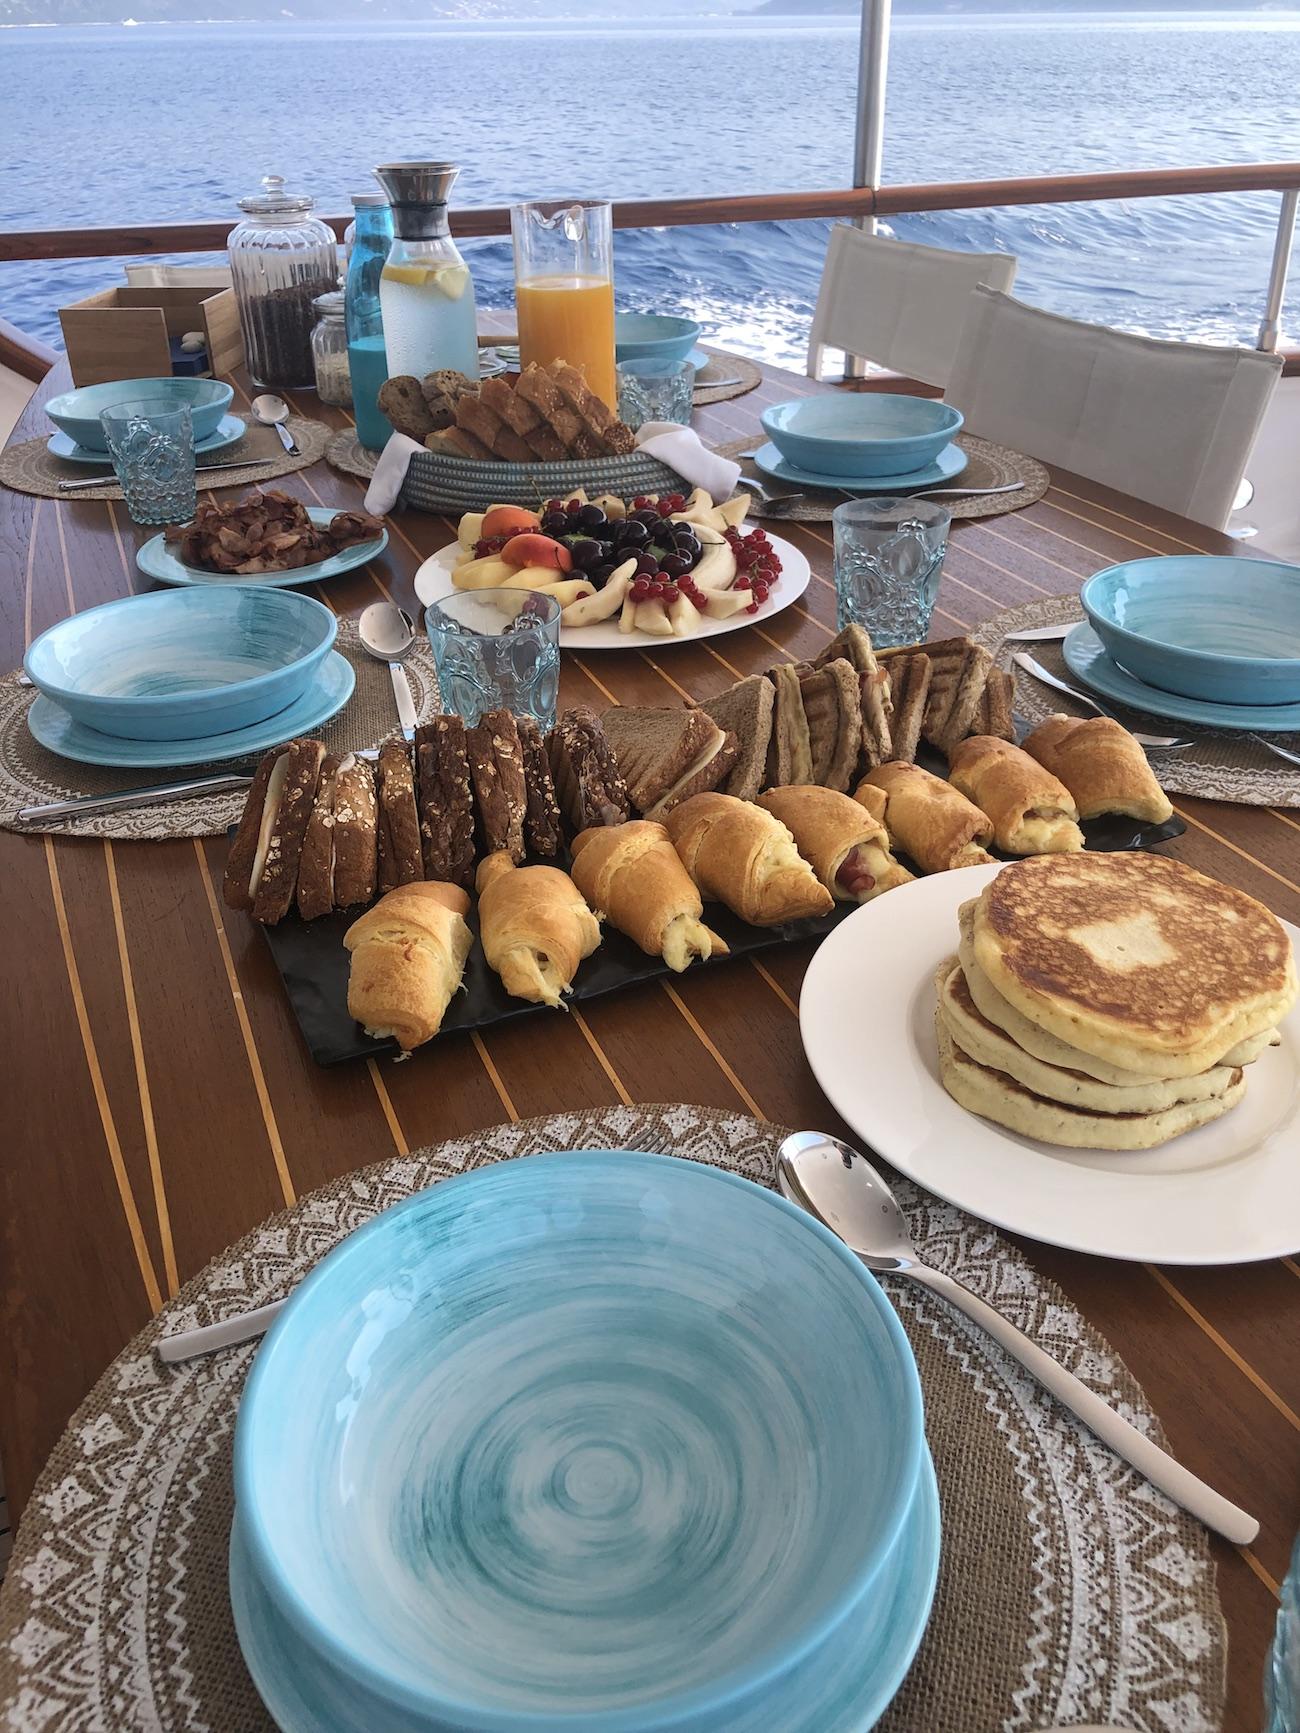 Fabulous Al Fresco Breakfast In The Morning